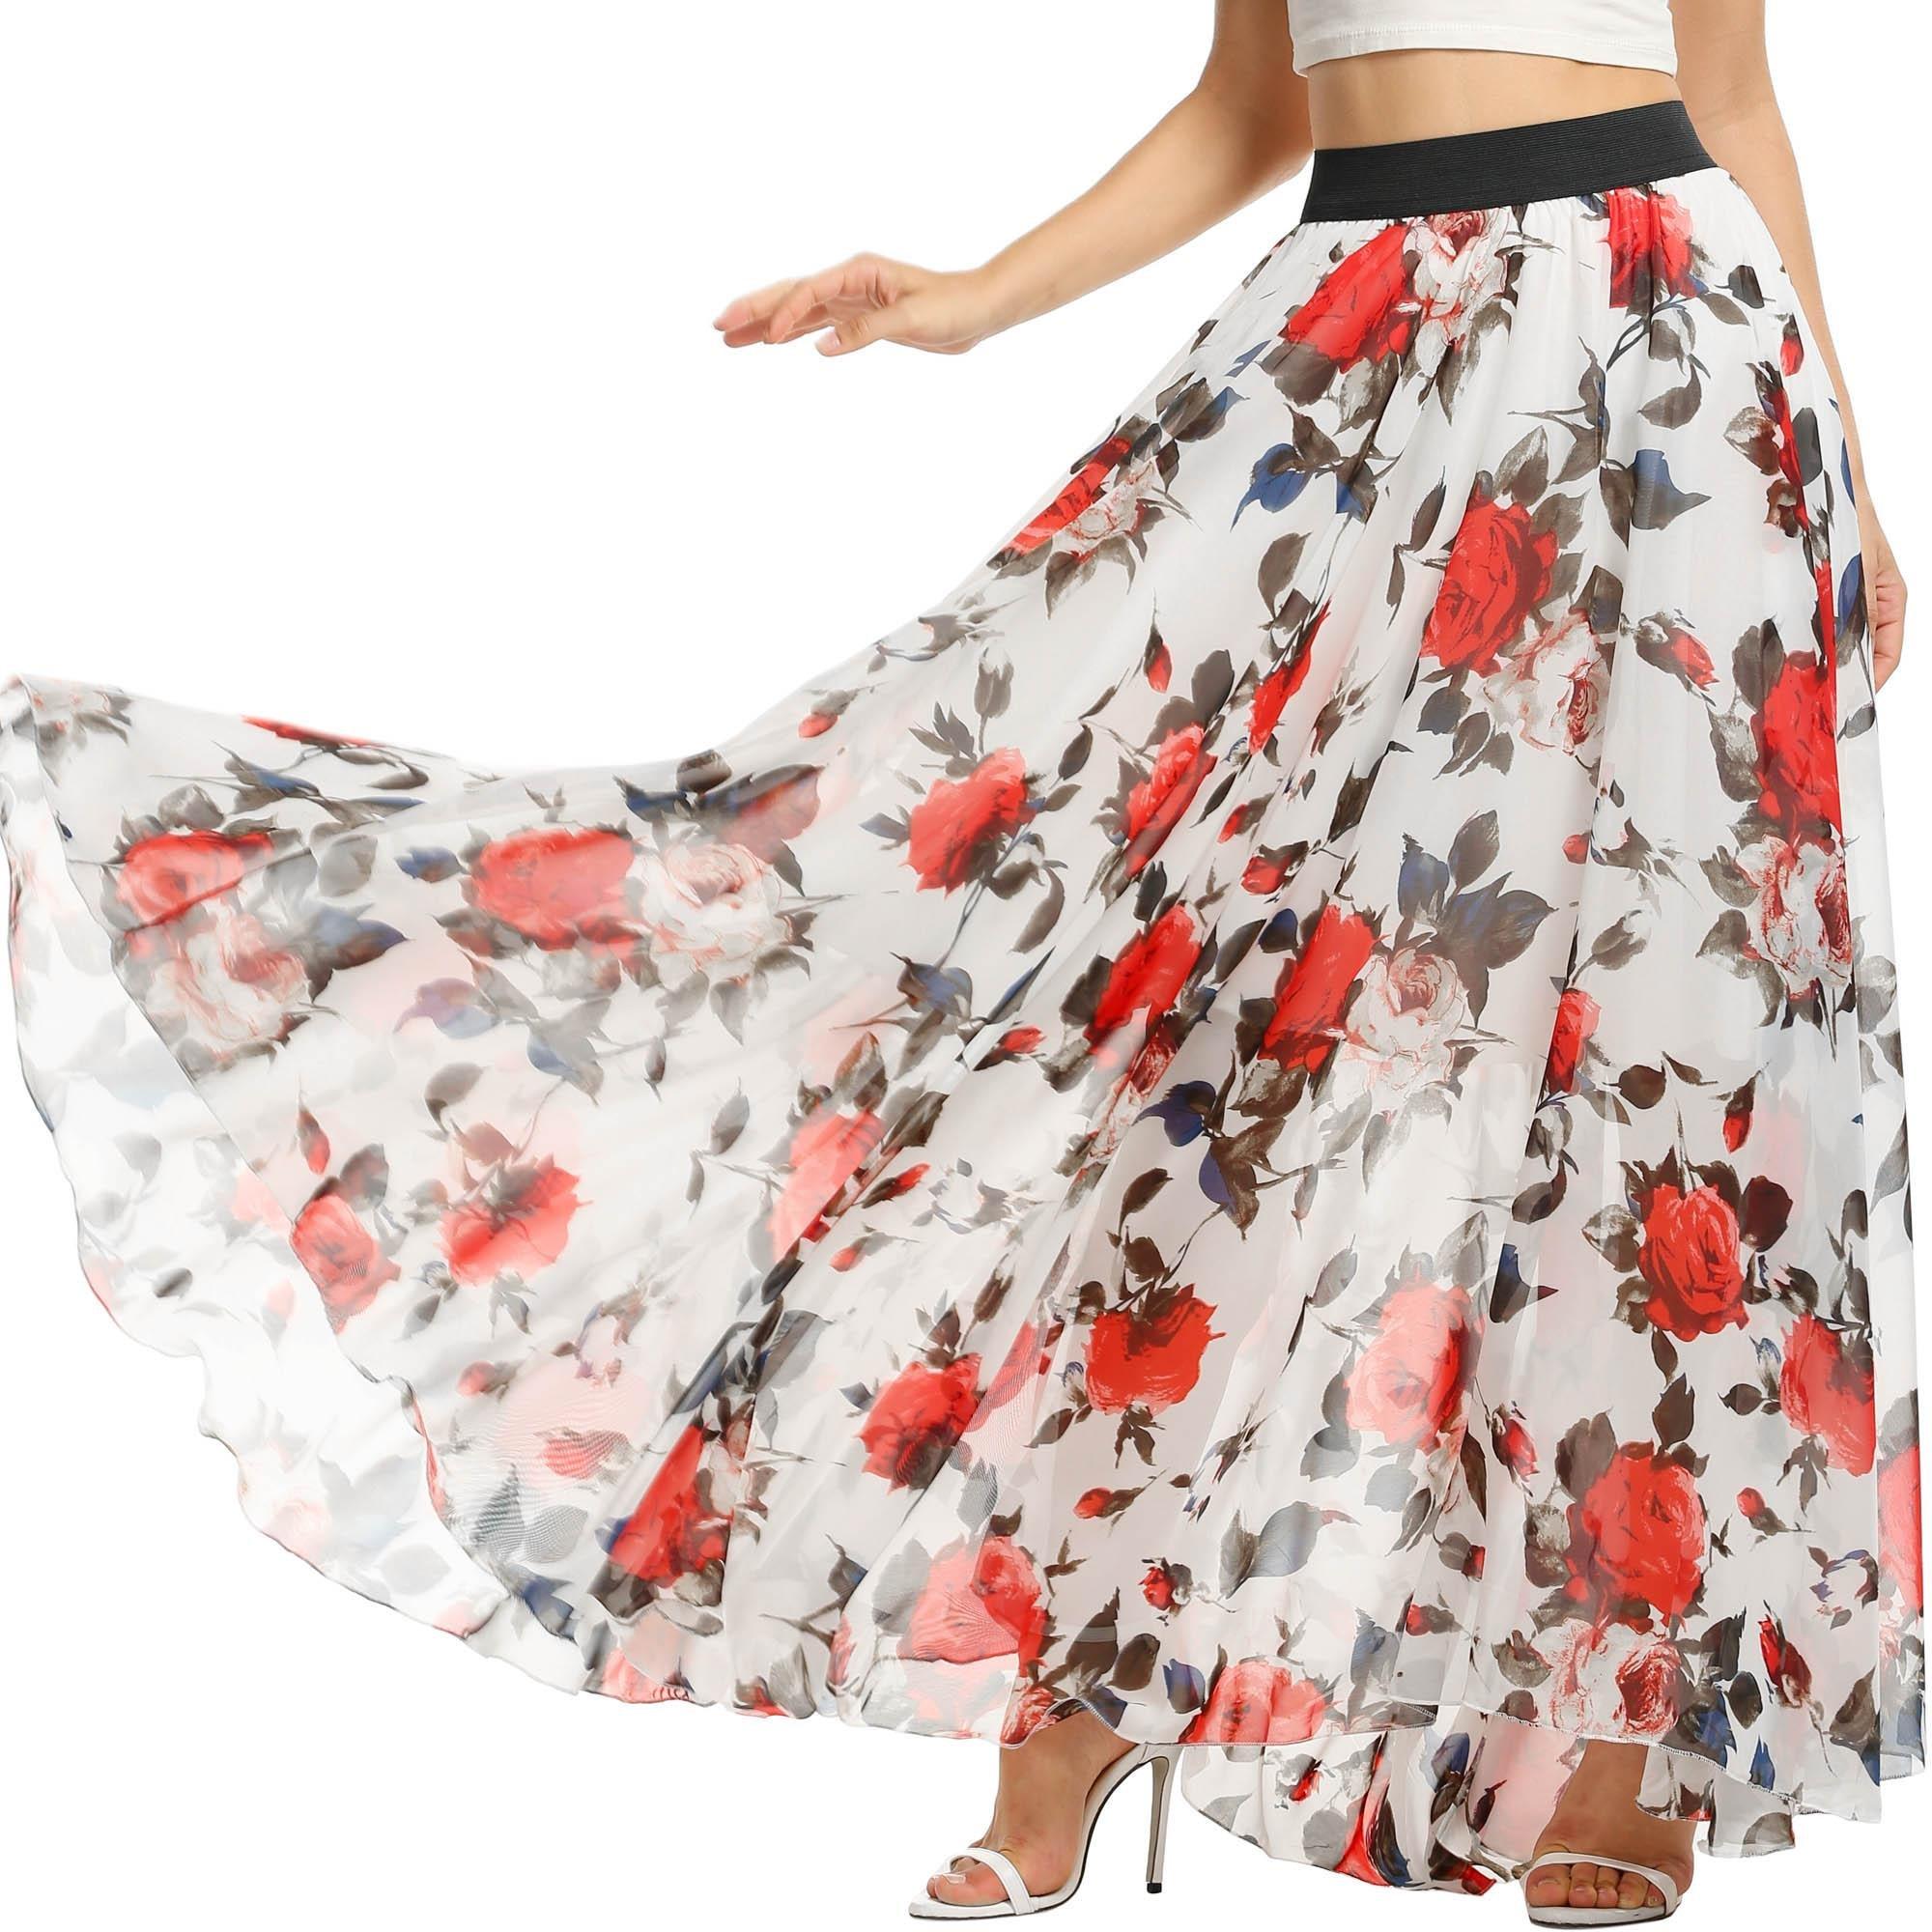 ELESOL Womens Summer Beach Chiffon High Waist Skirt Vacation Long Skirt Plus Size Floral 2/XXL